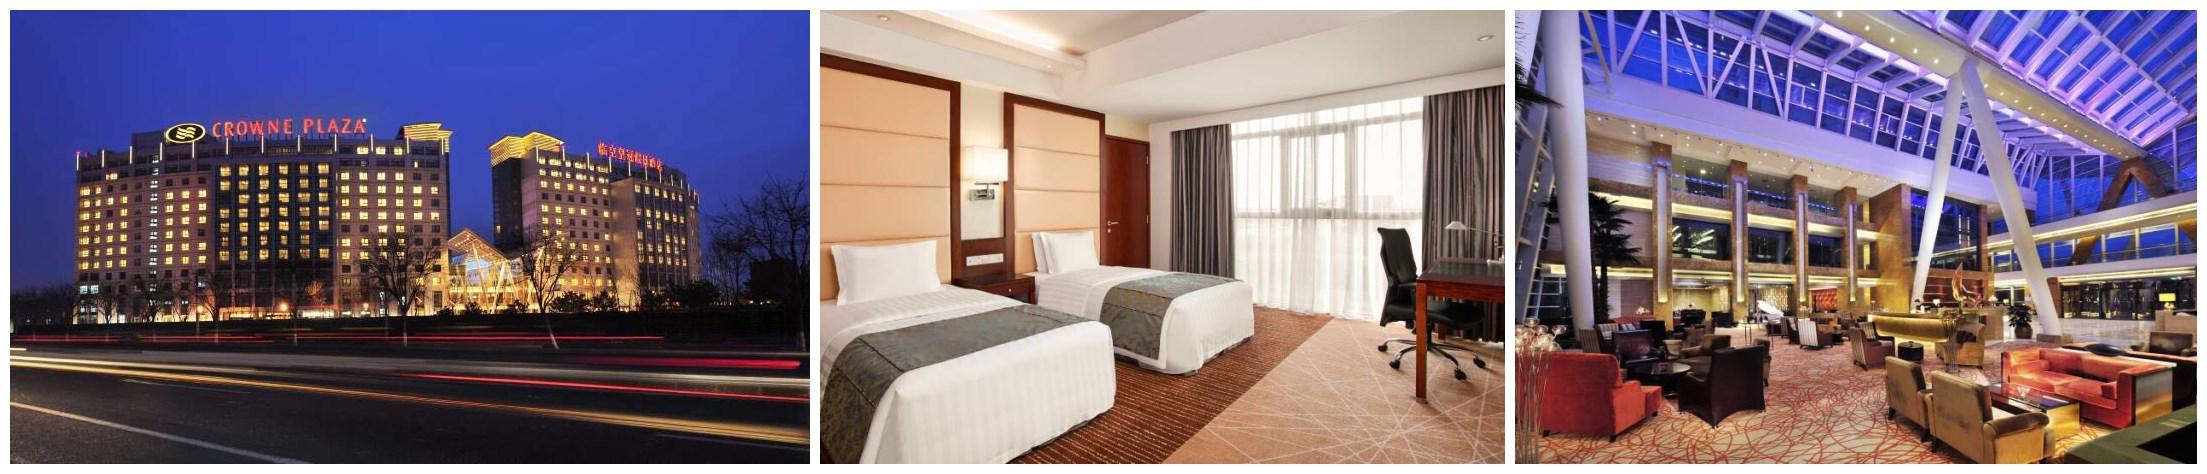 临空皇冠假日酒店